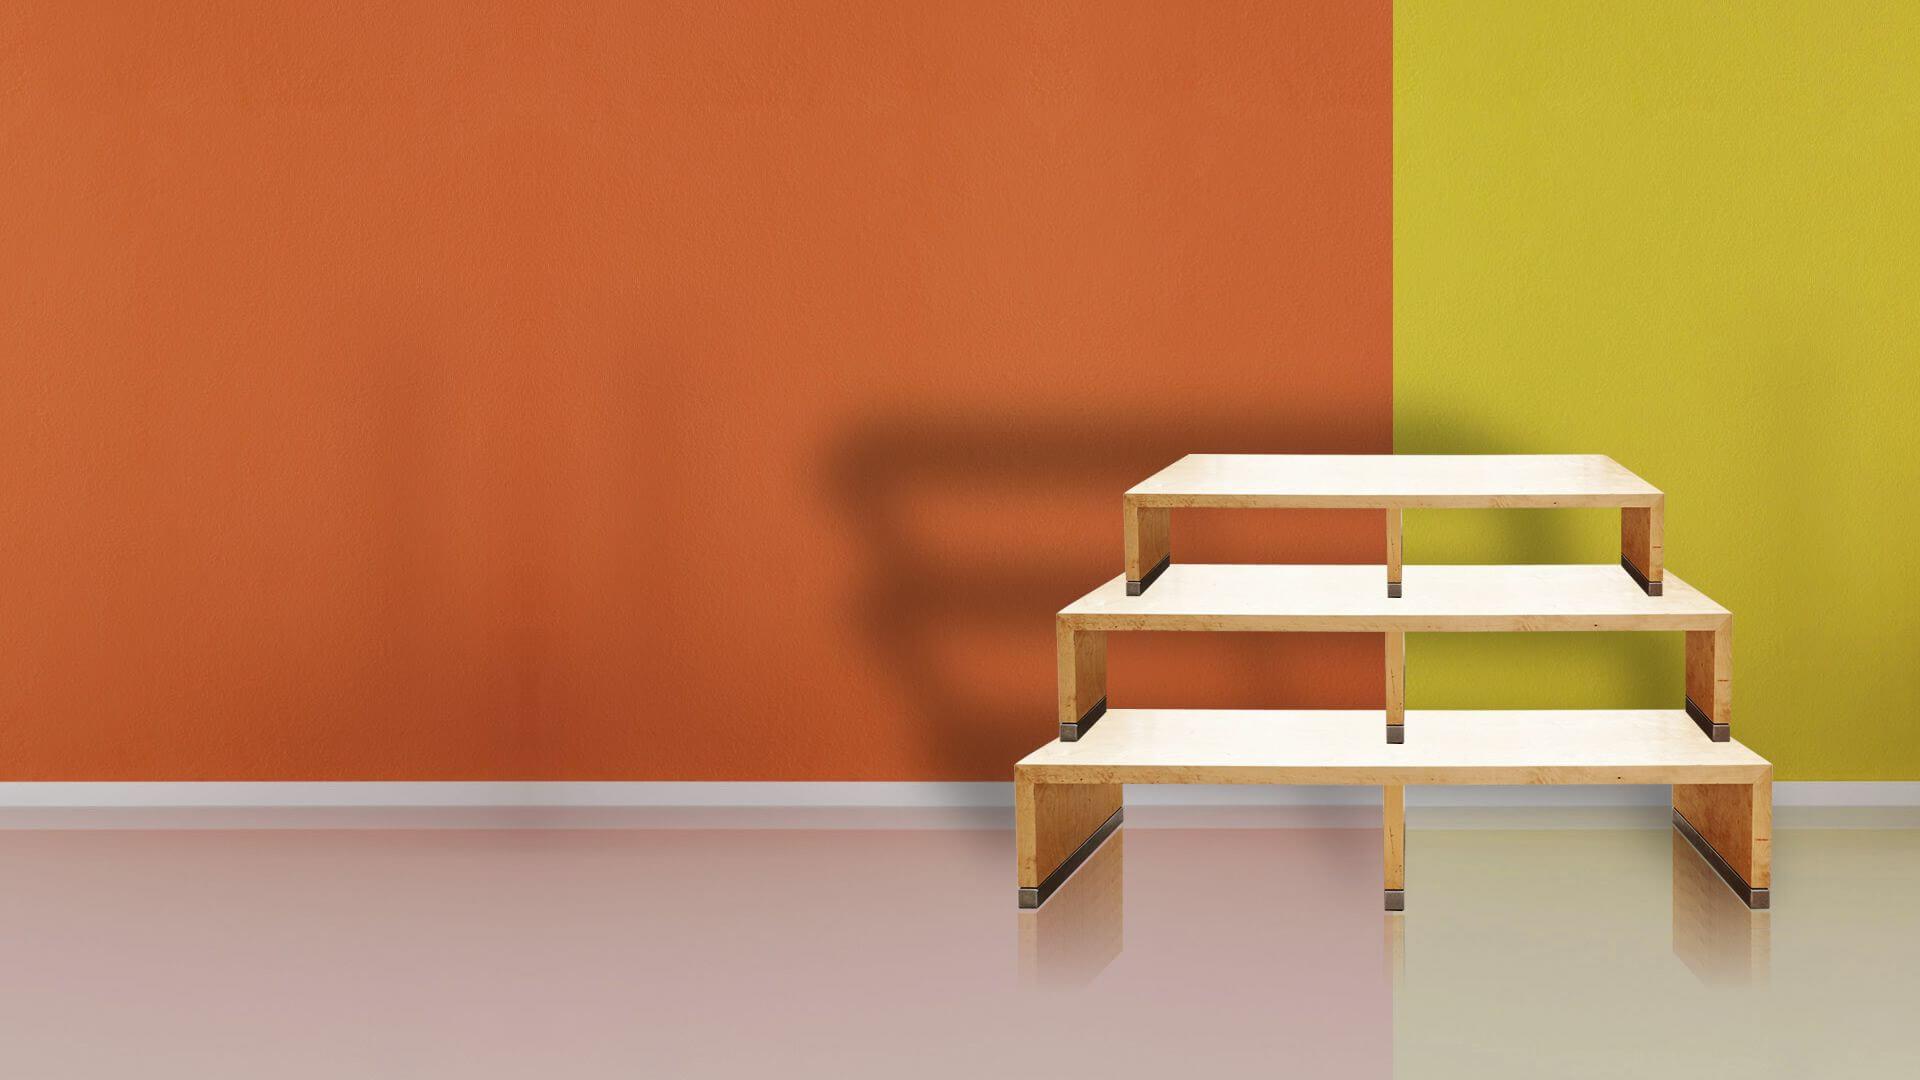 Tarimas para eventos sobre fondo naranja y verde